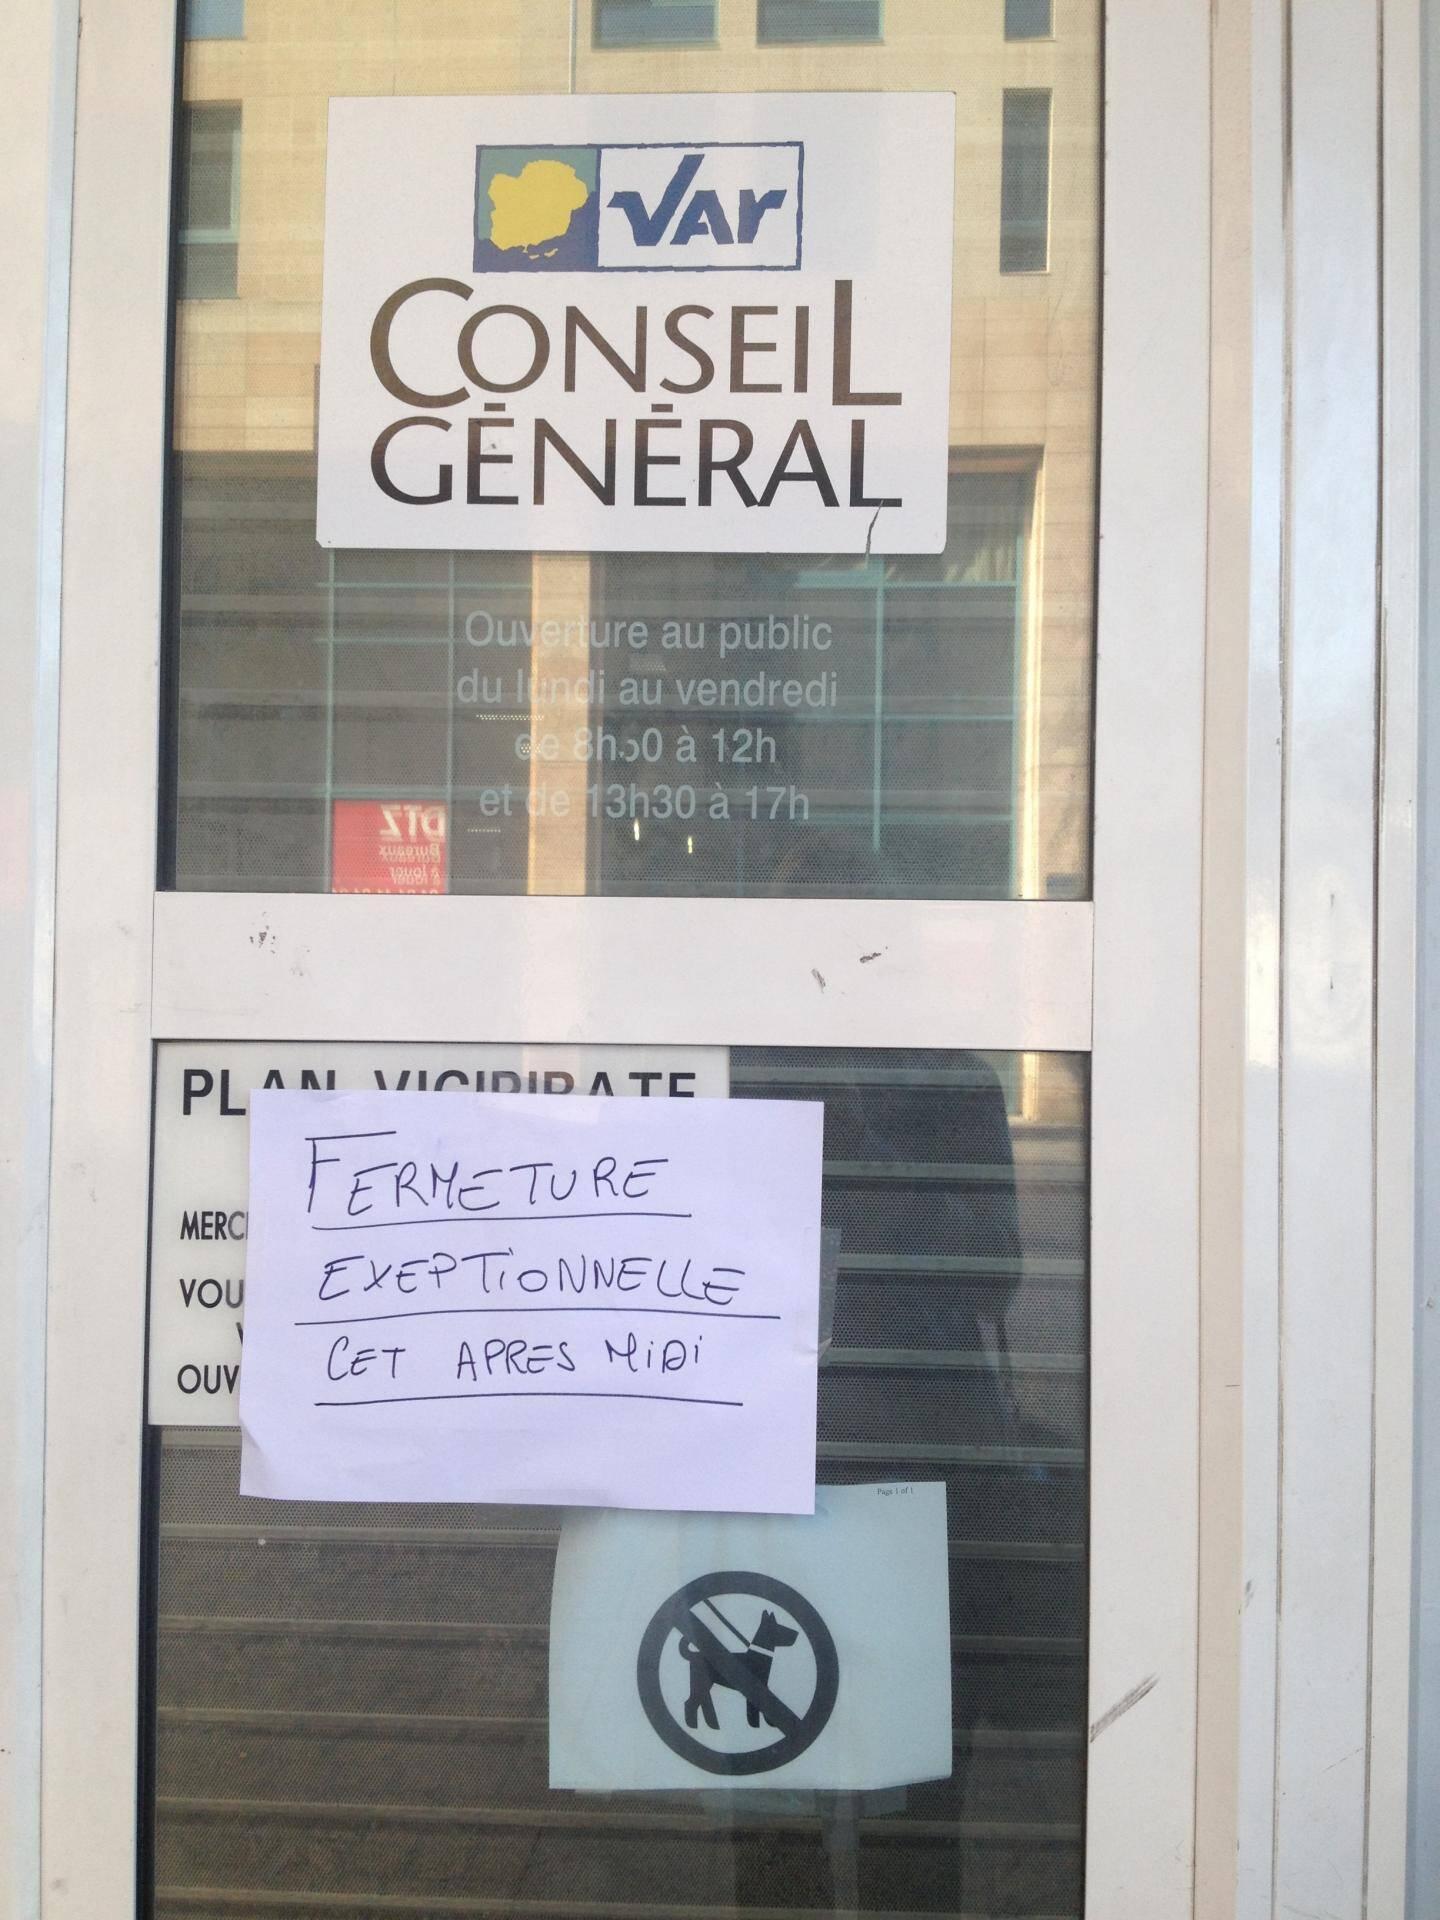 Le bureau du Conseil général en centre-ville de Toulon fermé suite à un incident